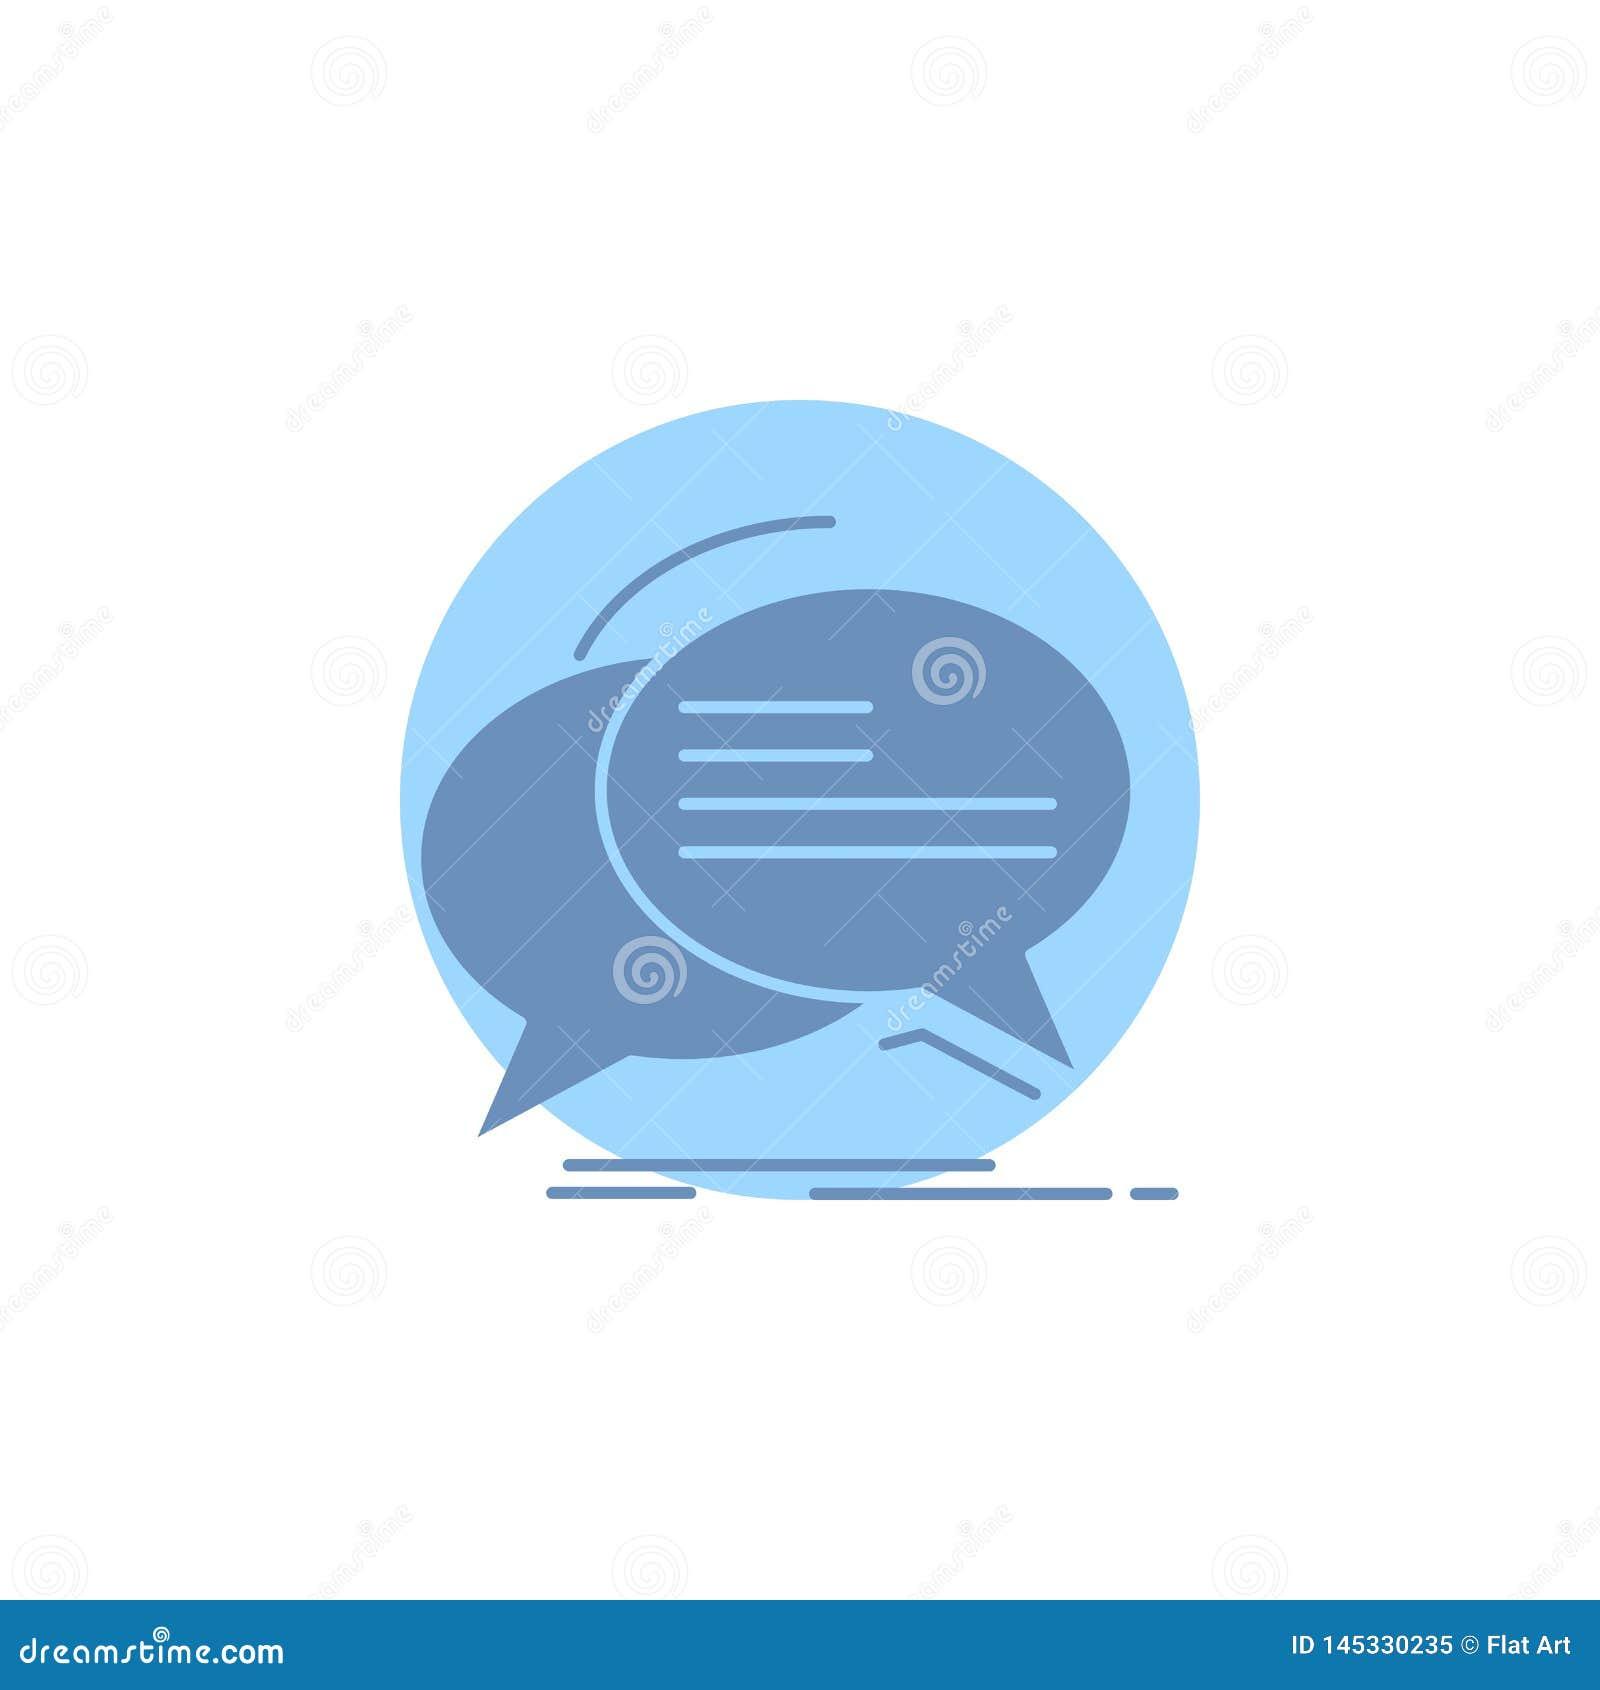 Blase, Schw?tzchen, Kommunikation, Rede, Gespr?ch Glyph-Ikone